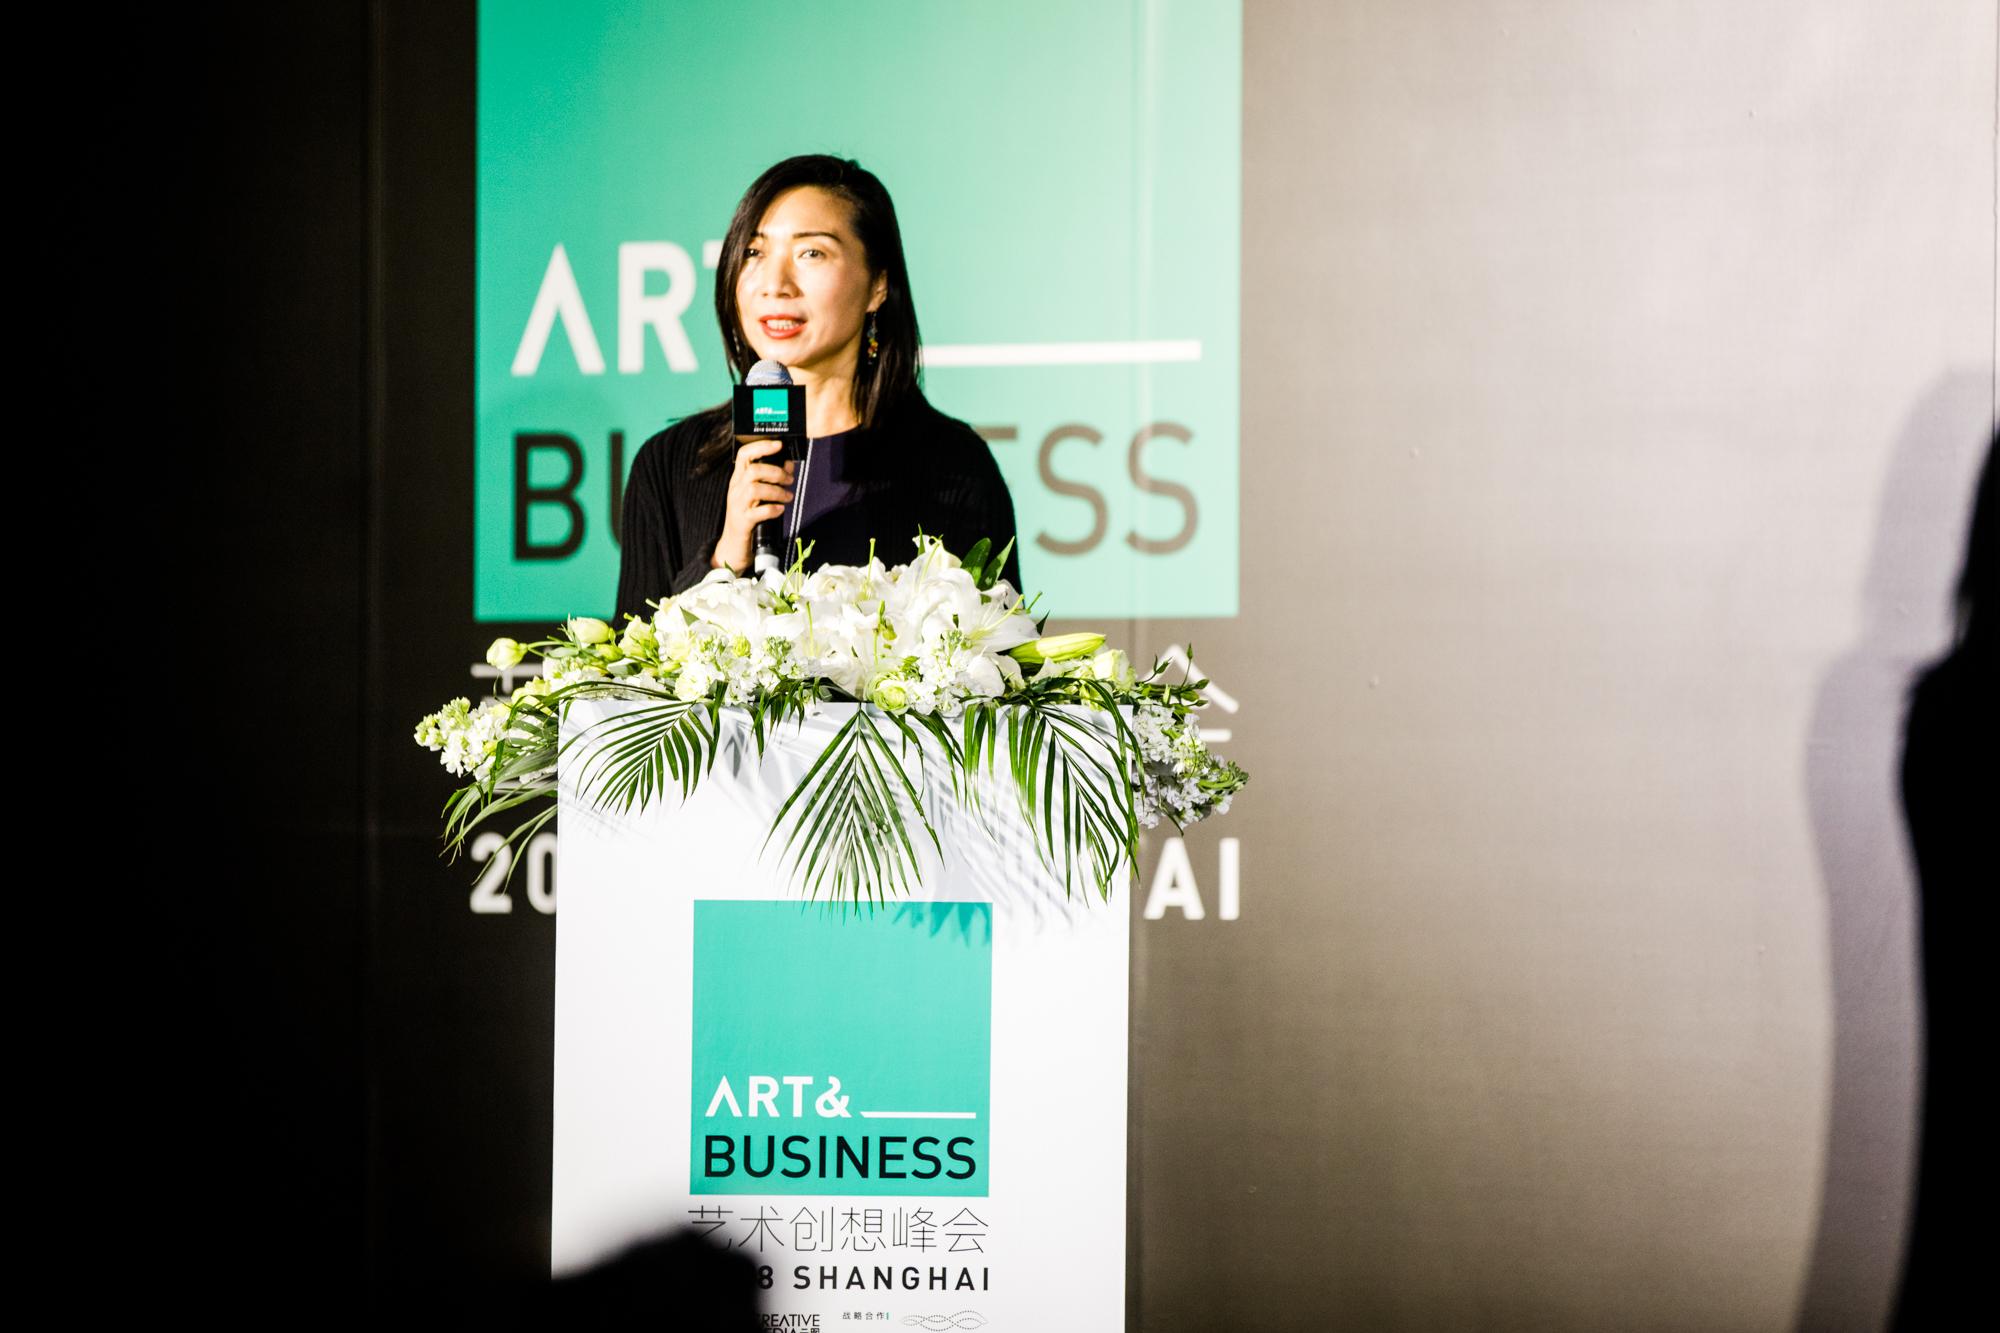 资深艺术顾问黎蓉发表演讲